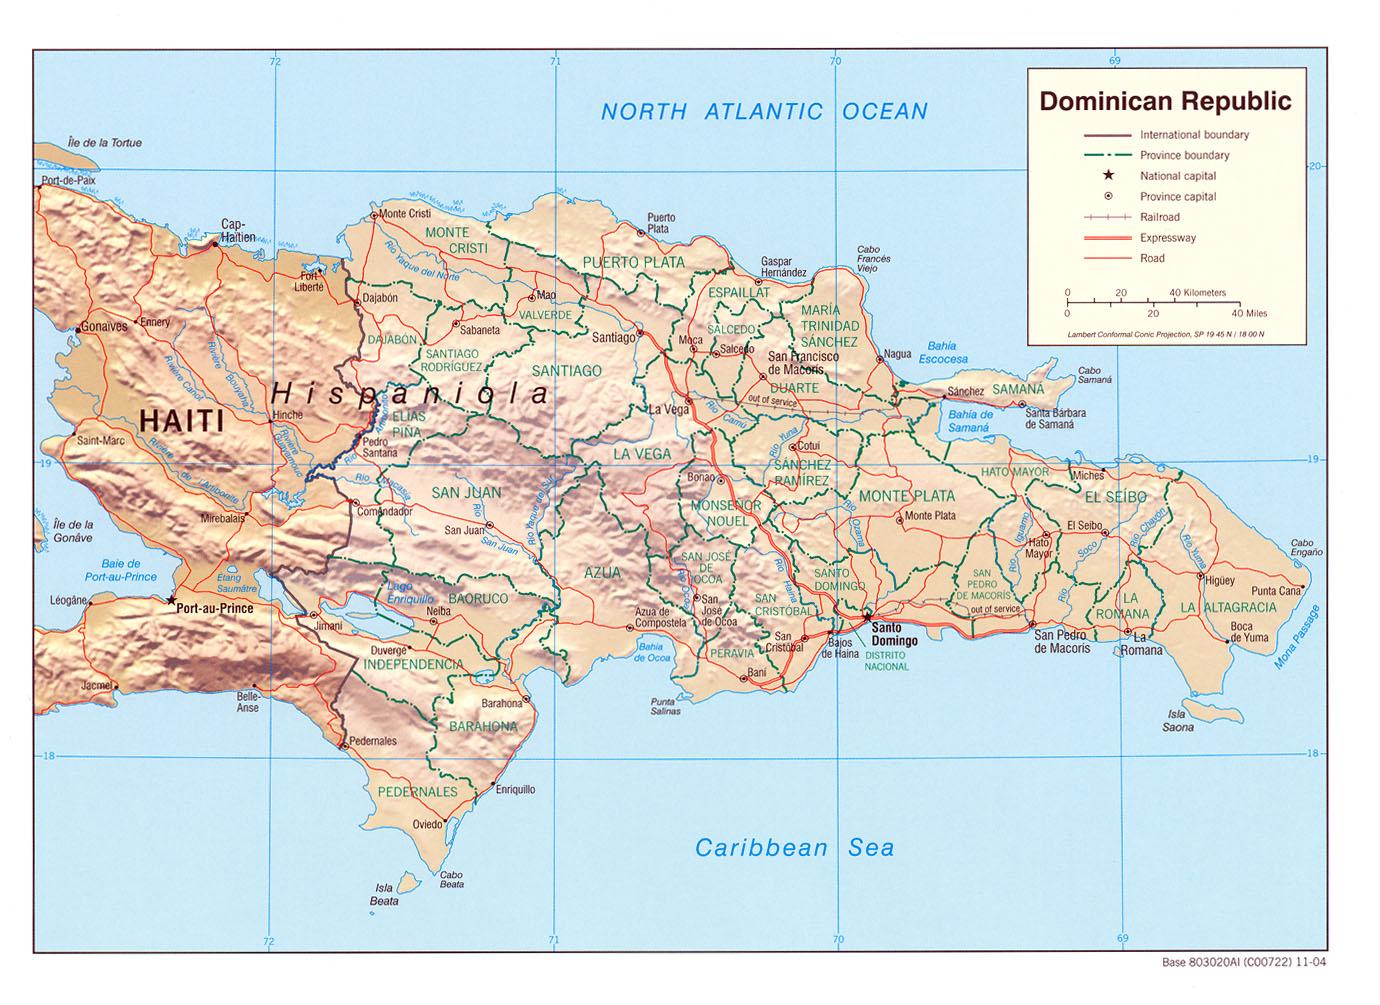 dominikanische republik landkarte Dominikanische Republik   Landkarten   ecoi.net dominikanische republik landkarte